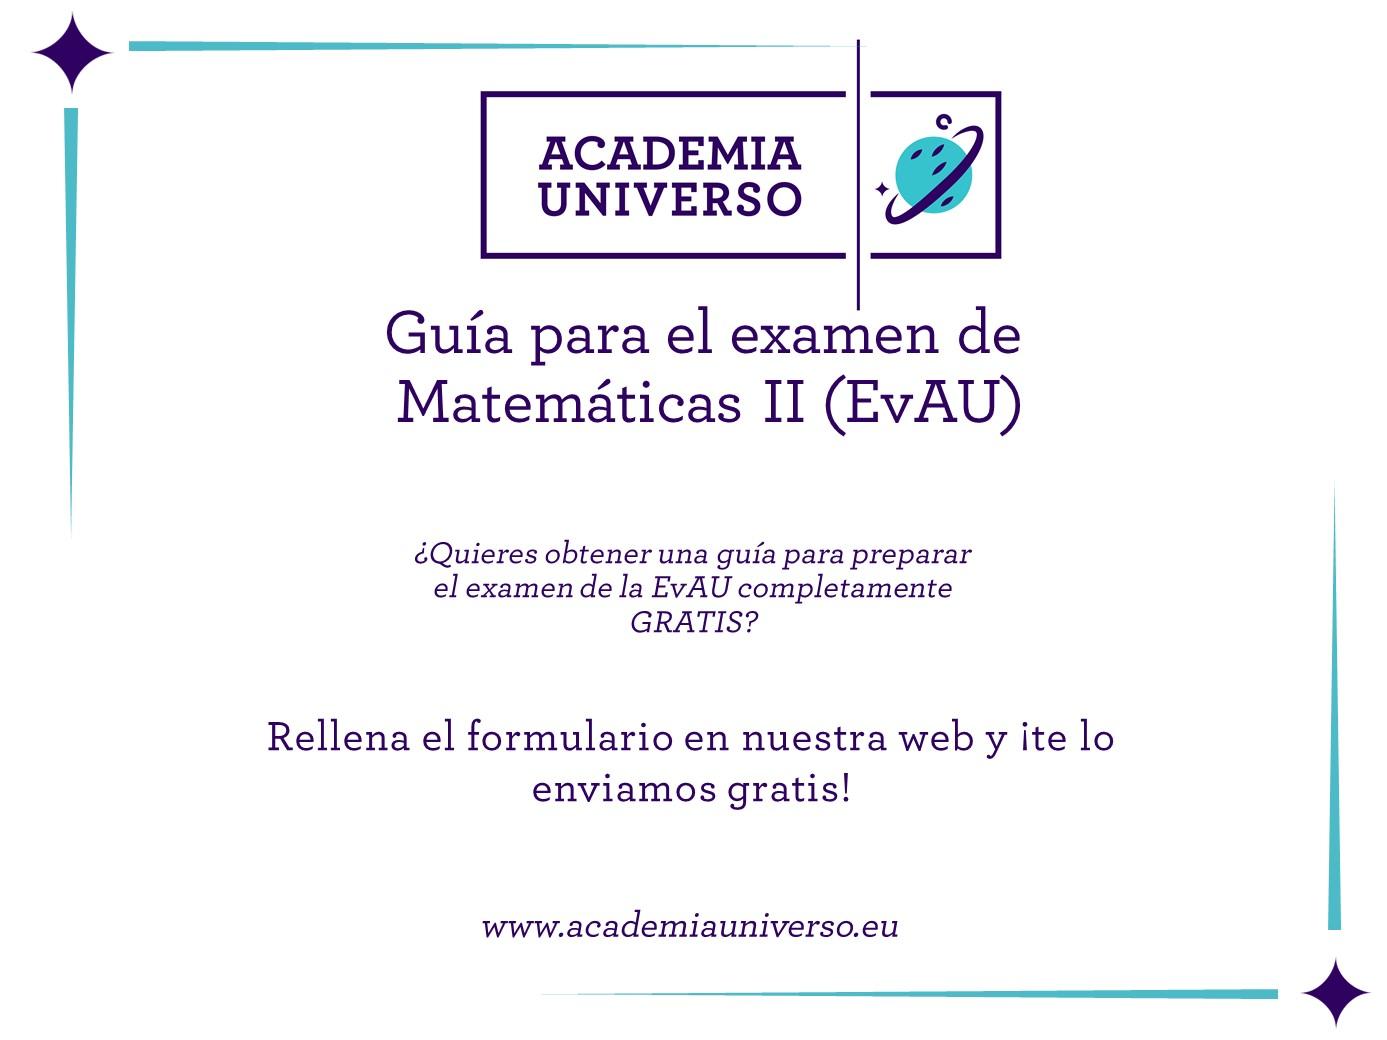 Guía para el examen de matemáticas. Academia Universo